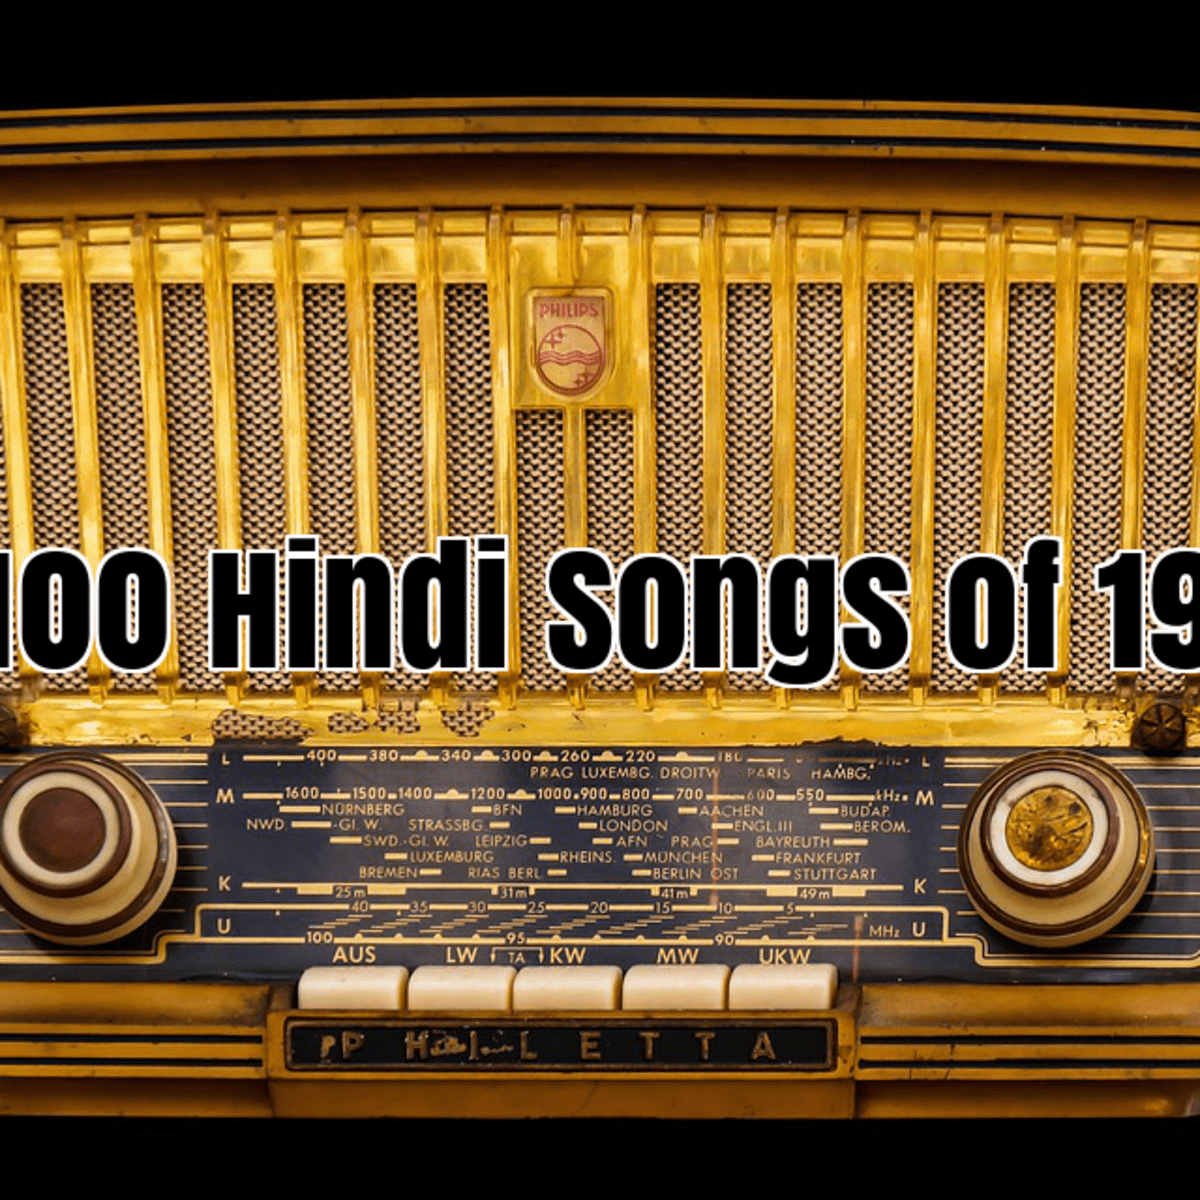 Zip hindi songs top download old file Best of